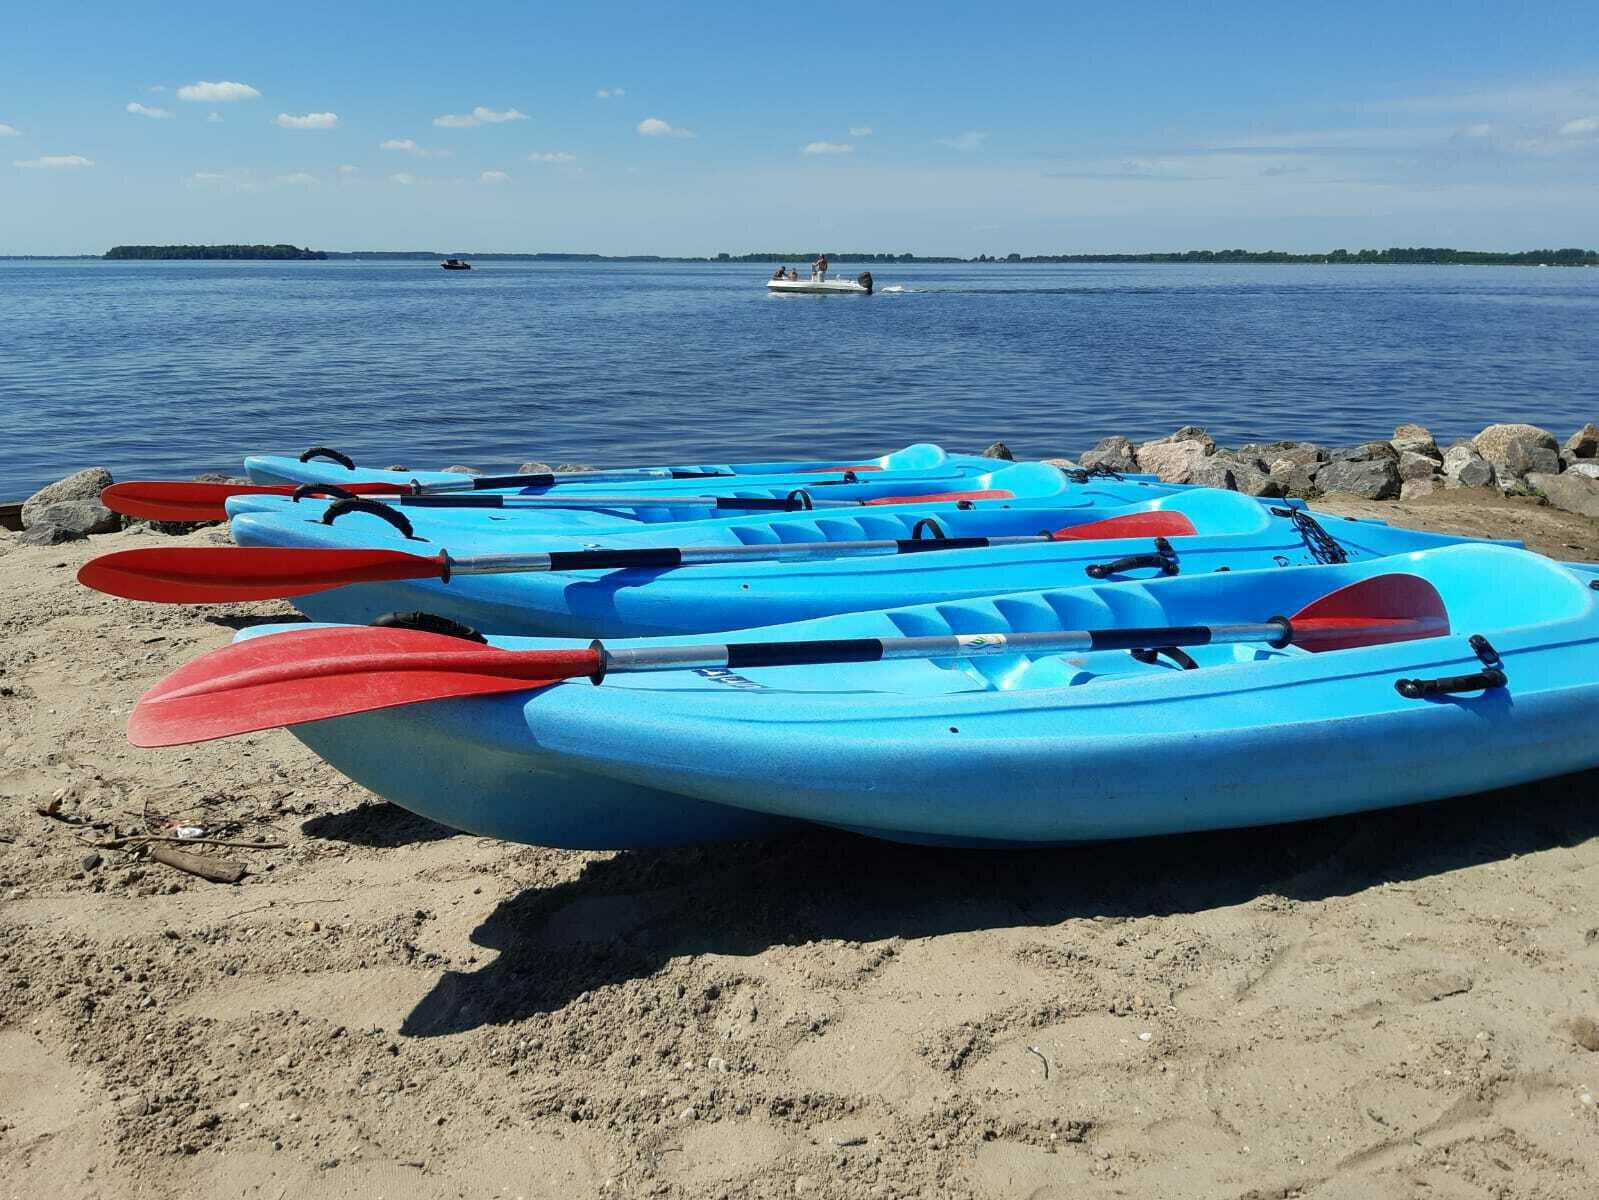 Verleih von Kanus, Stehpaddeln und Tretbooten